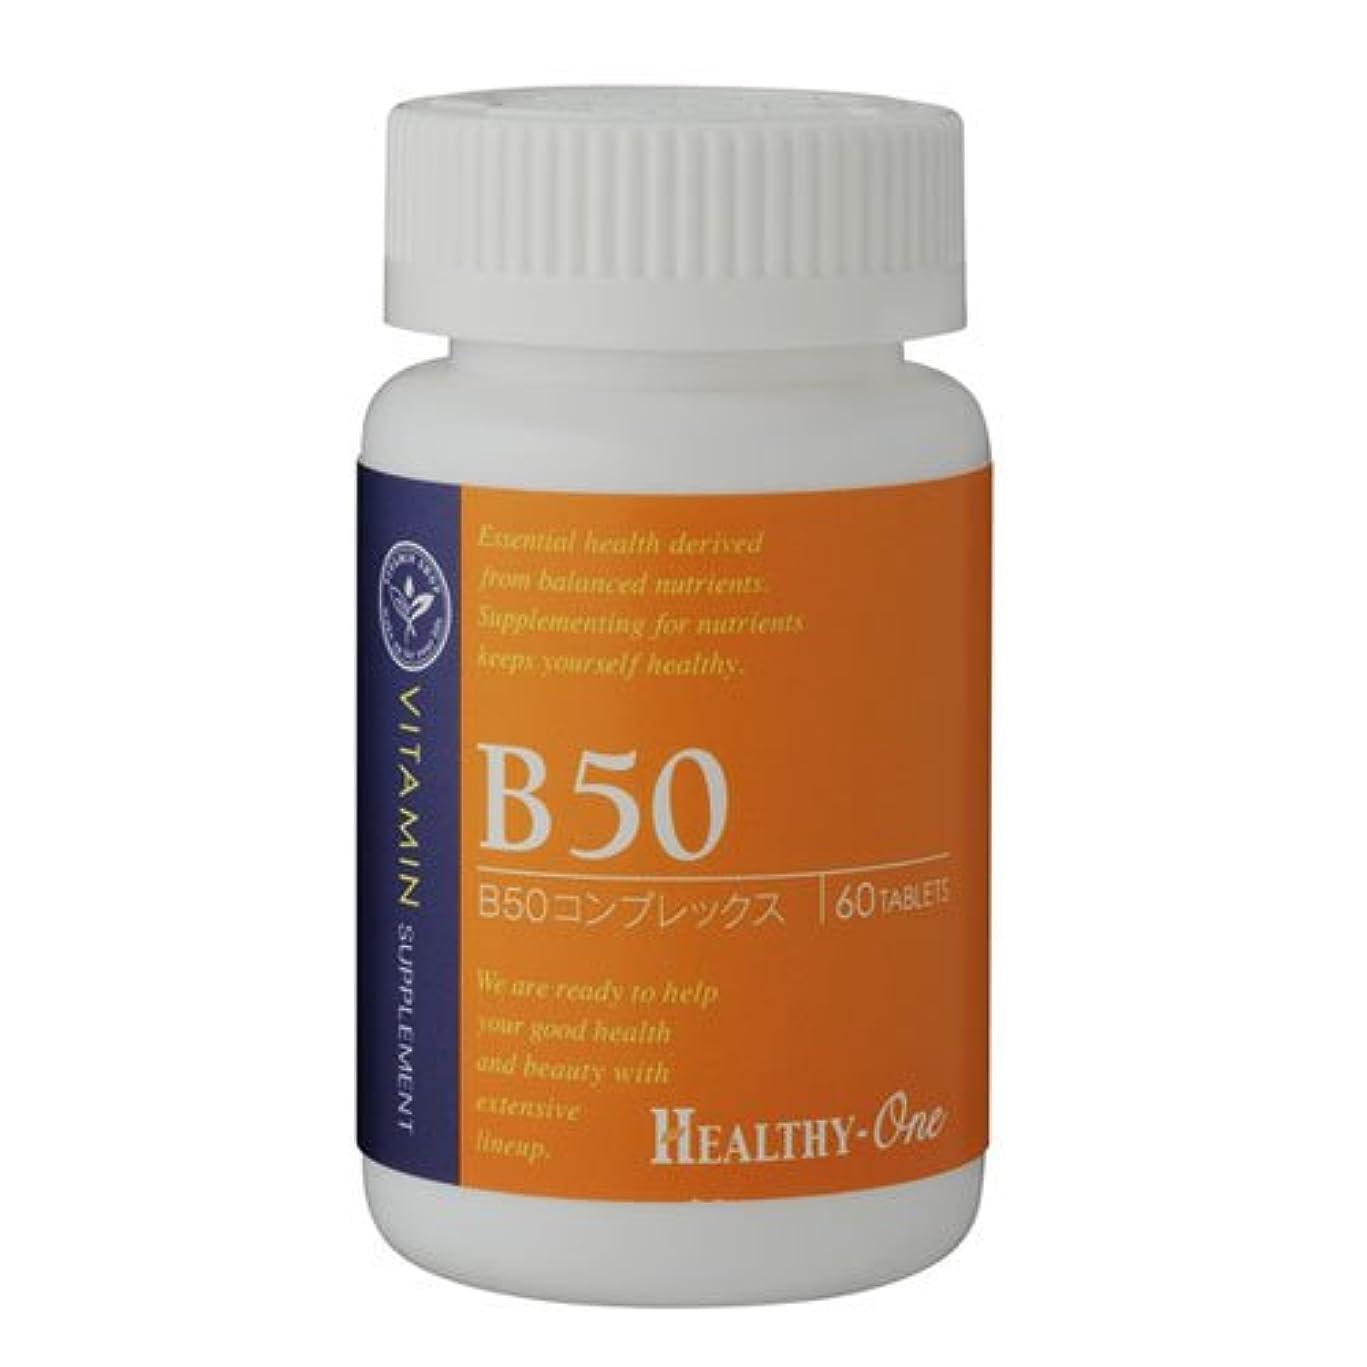 閃光セグメントしないでください【栄養士常駐】 ビタミンB50 60粒 30~60日分 サプリメント専門店ヘルシーワン(国内17店舗展開)TELでお気軽に相談ください